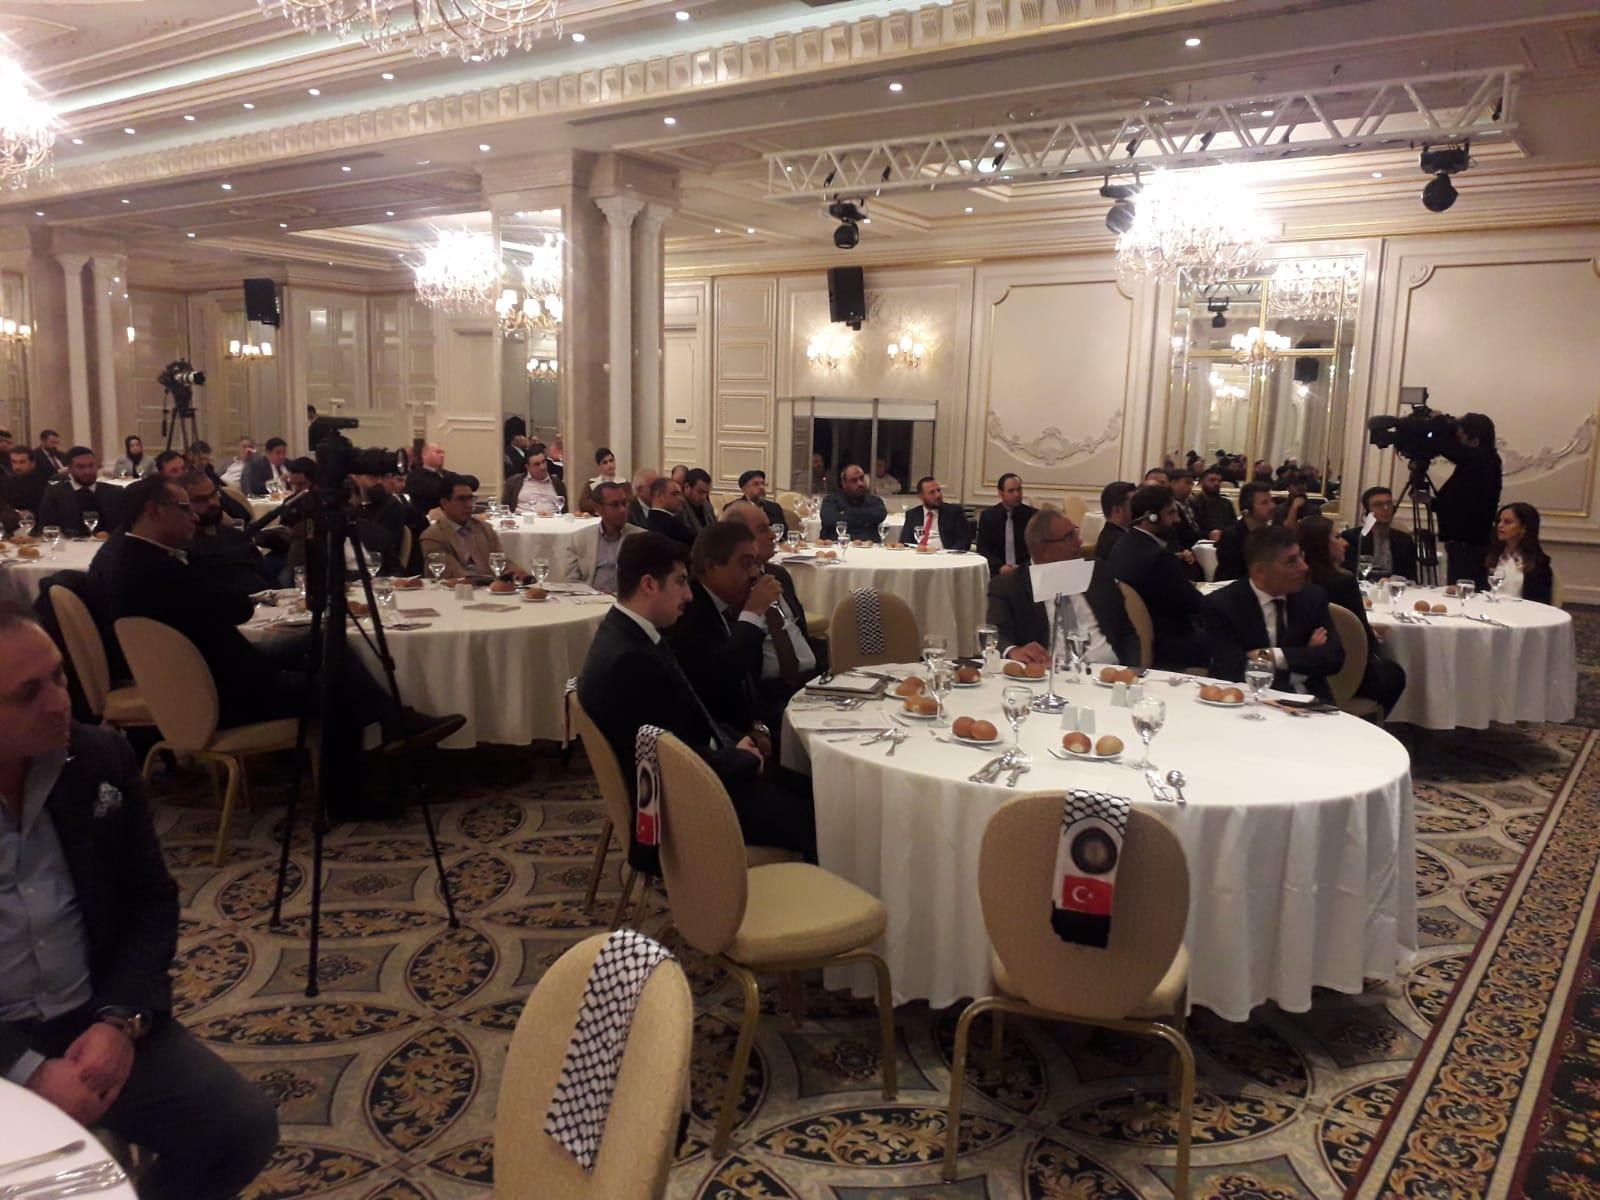 ورحب رئيس الإتحاد مازن الحساسنة في كلمته بالحضور والمشاركين من رجال الأعمال الفلسطينيين القدماء والجدد المقيمين في إسطنبول.